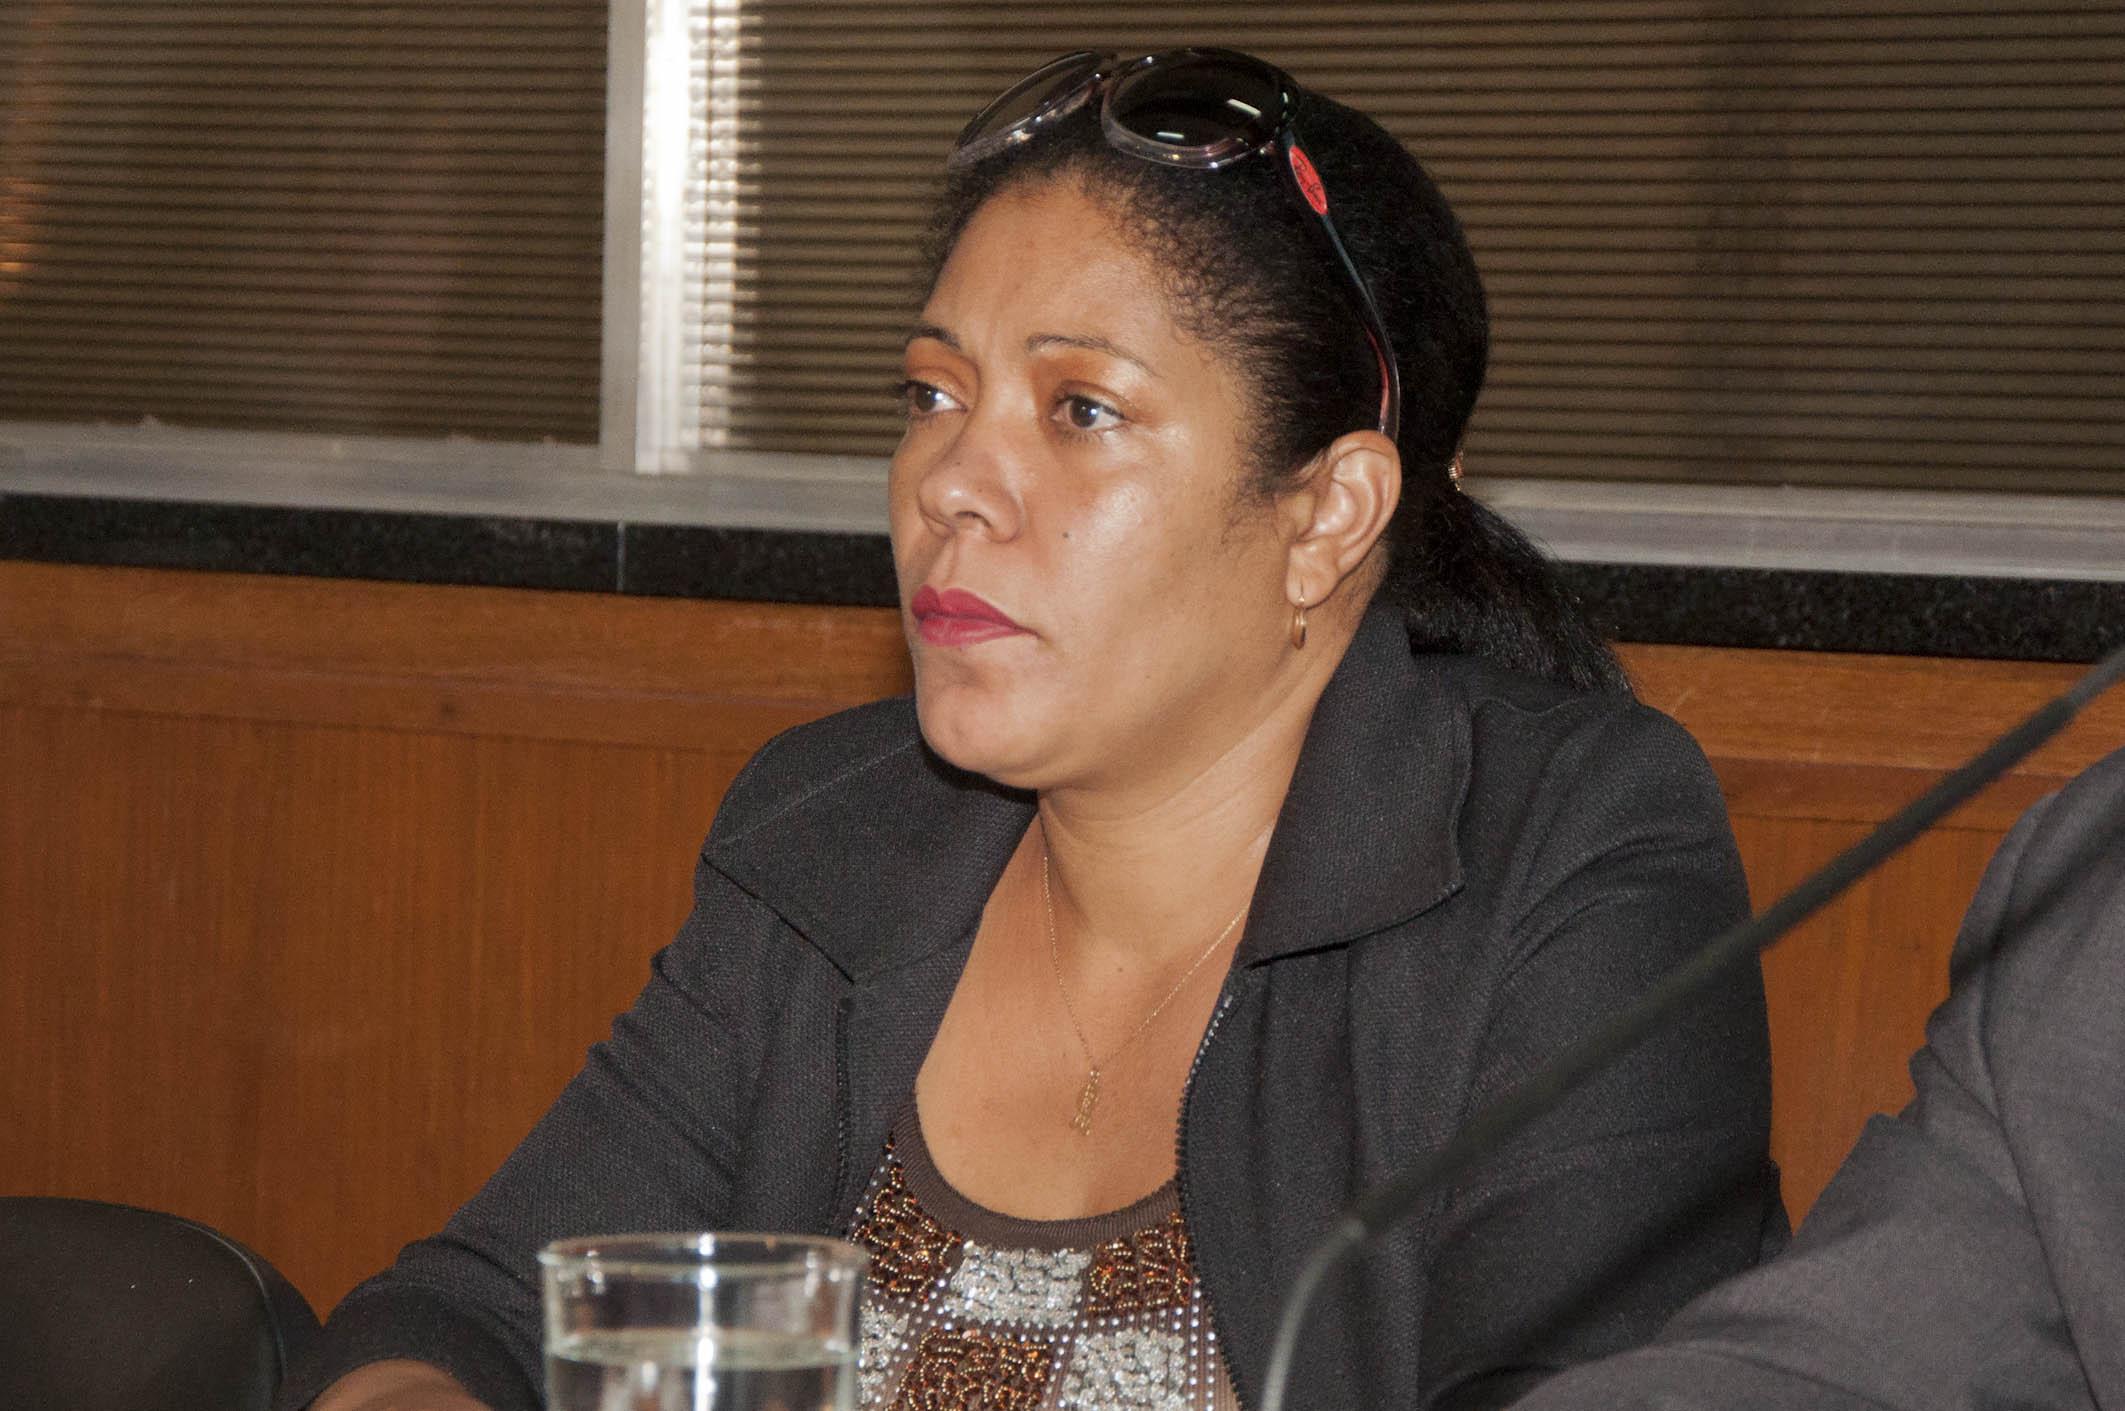 Condenaron a siete años y medio de prisión a la madama brasileña por el delito de trata de personas